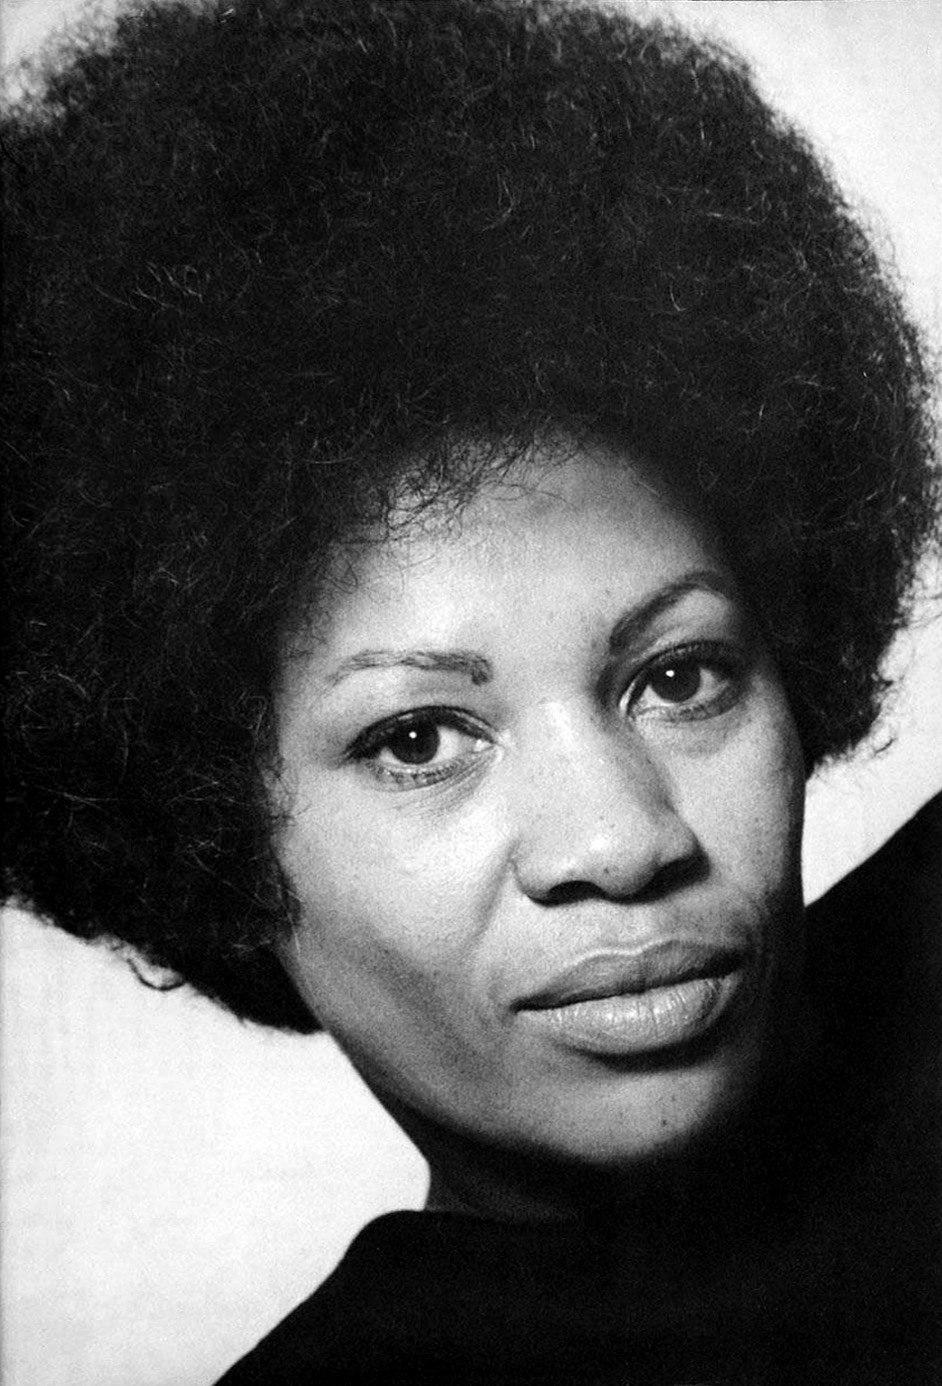 Toni Morrison (The Bluest Eye author portrait)